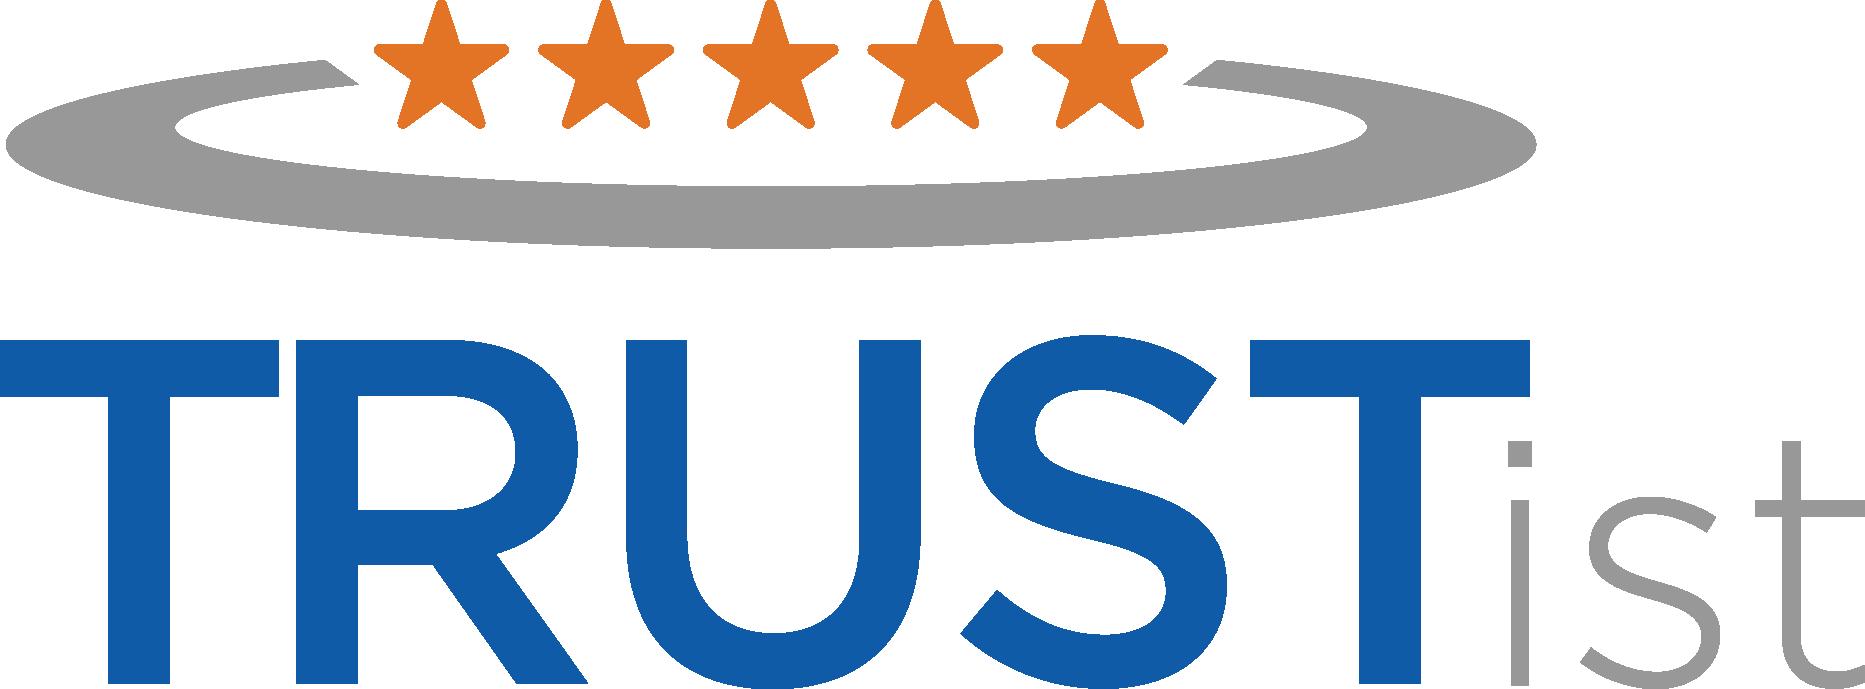 5-star-ciustomer-reviews-building-services-Twickenham